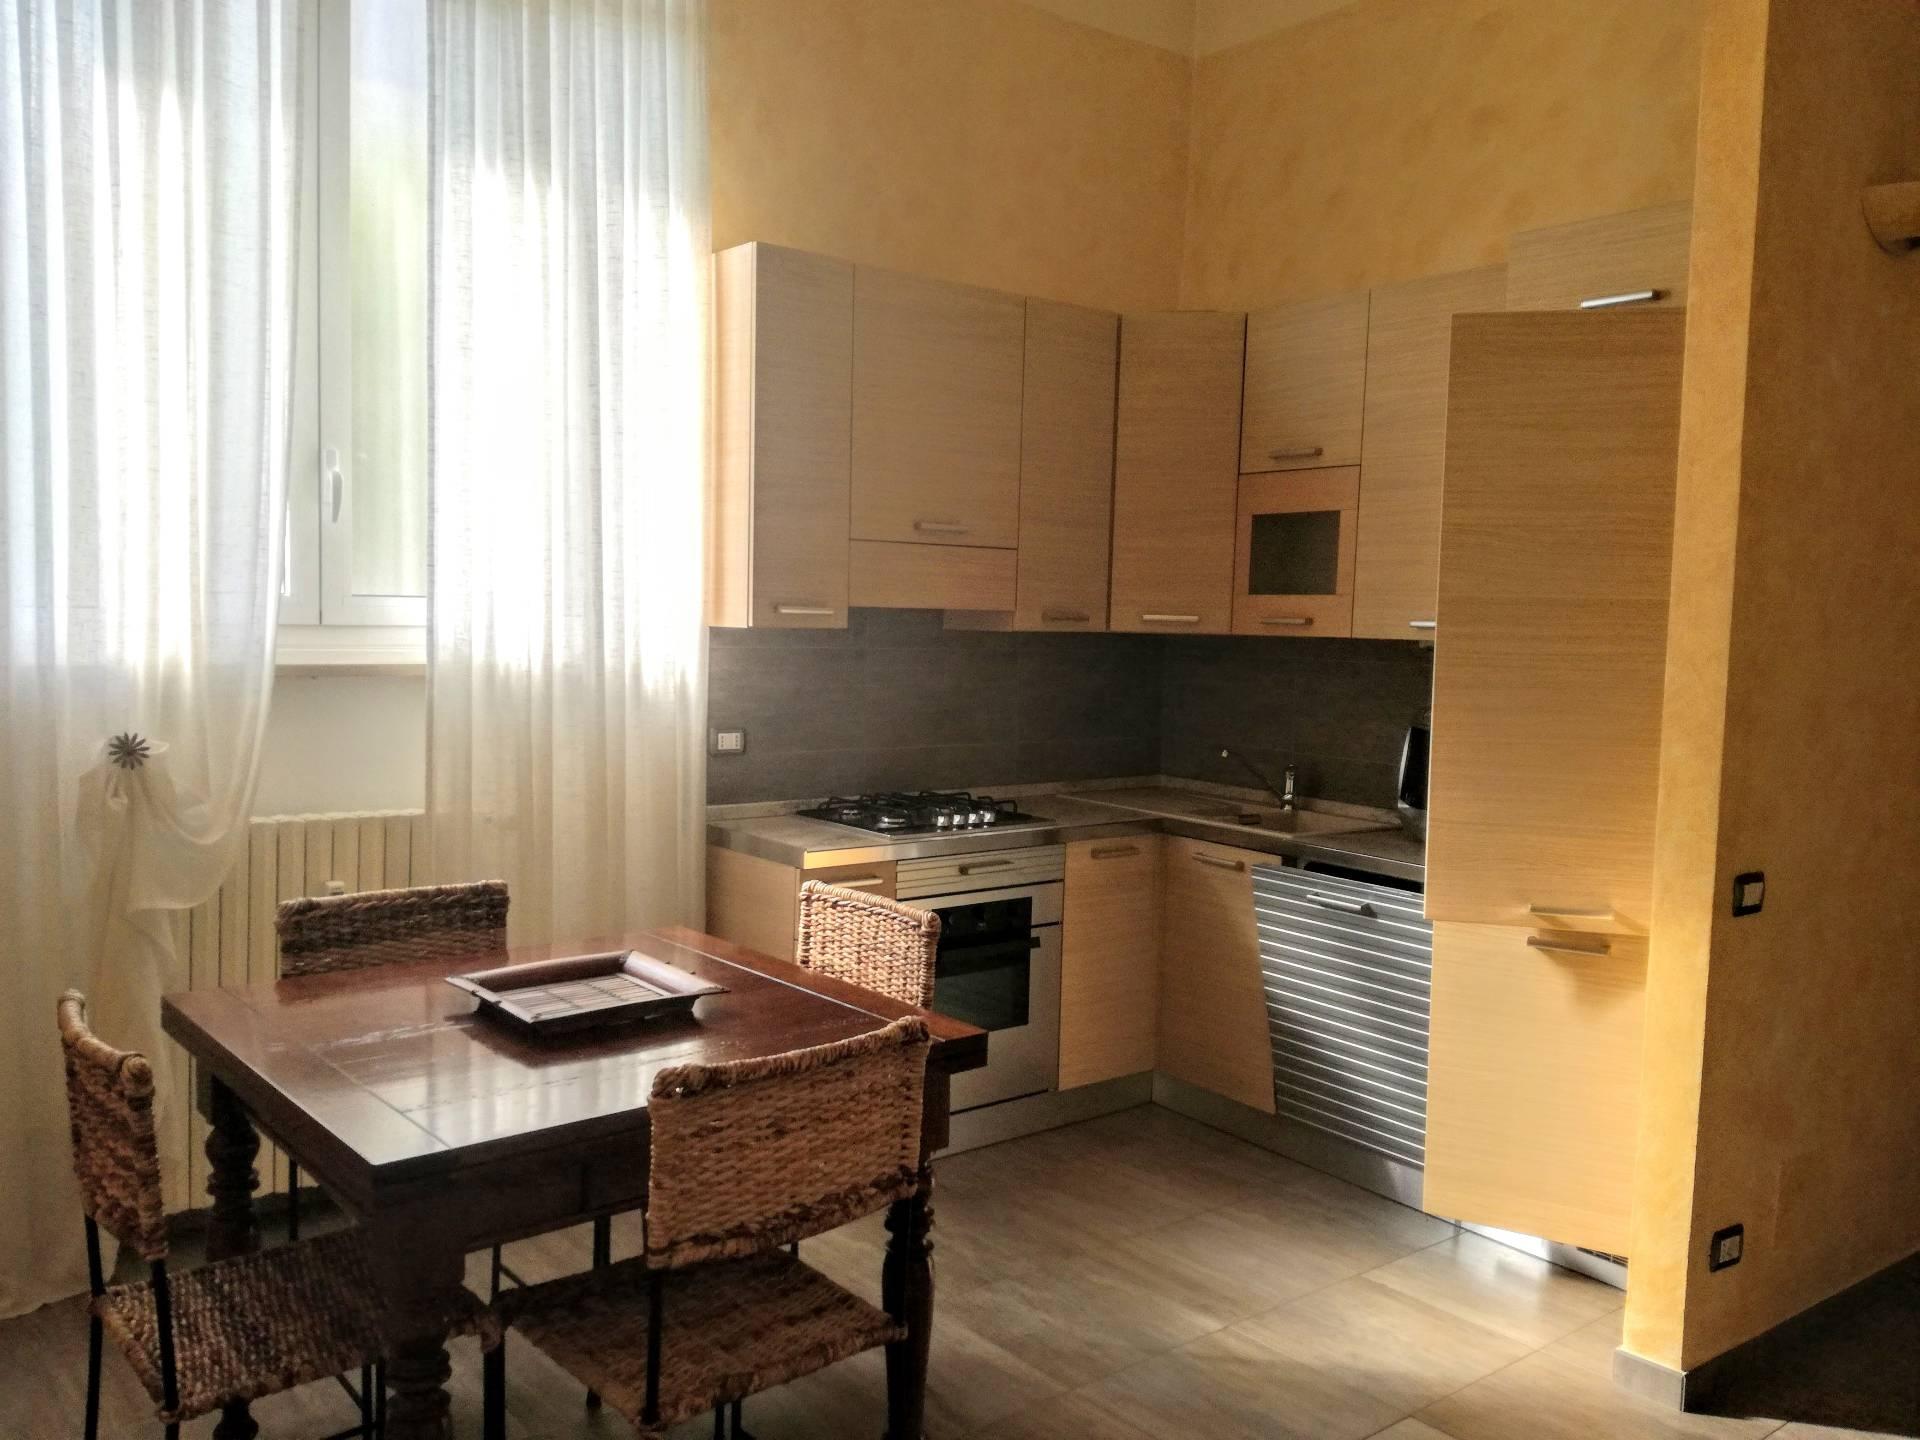 Appartamento in affitto a Casale Monferrato, 2 locali, prezzo € 450   CambioCasa.it